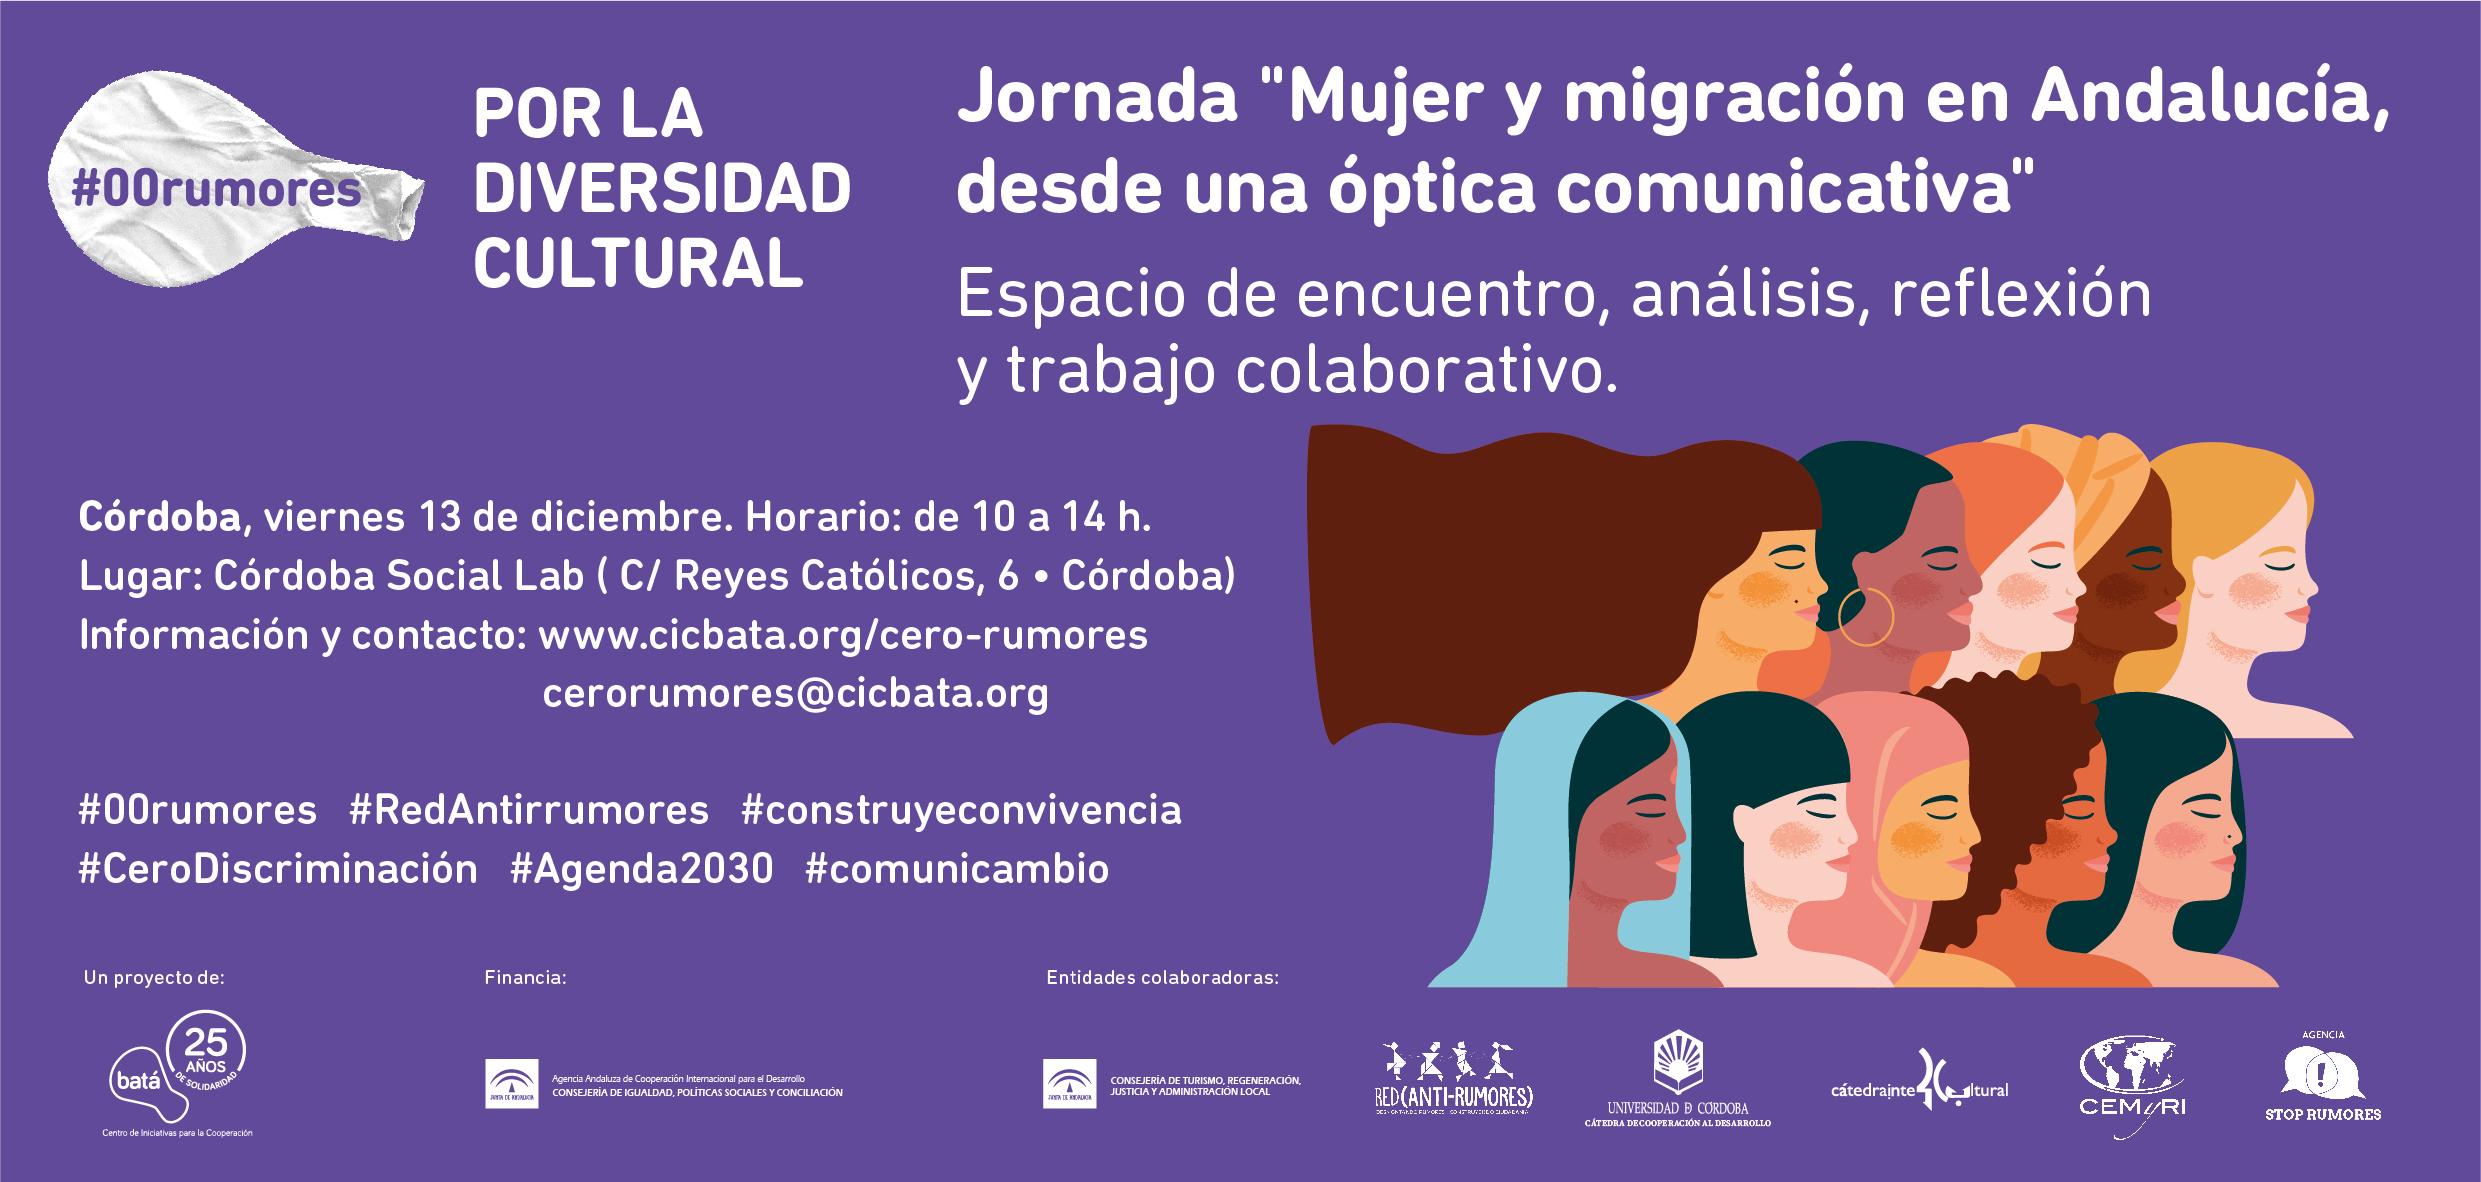 invitacion_mujer_migracion